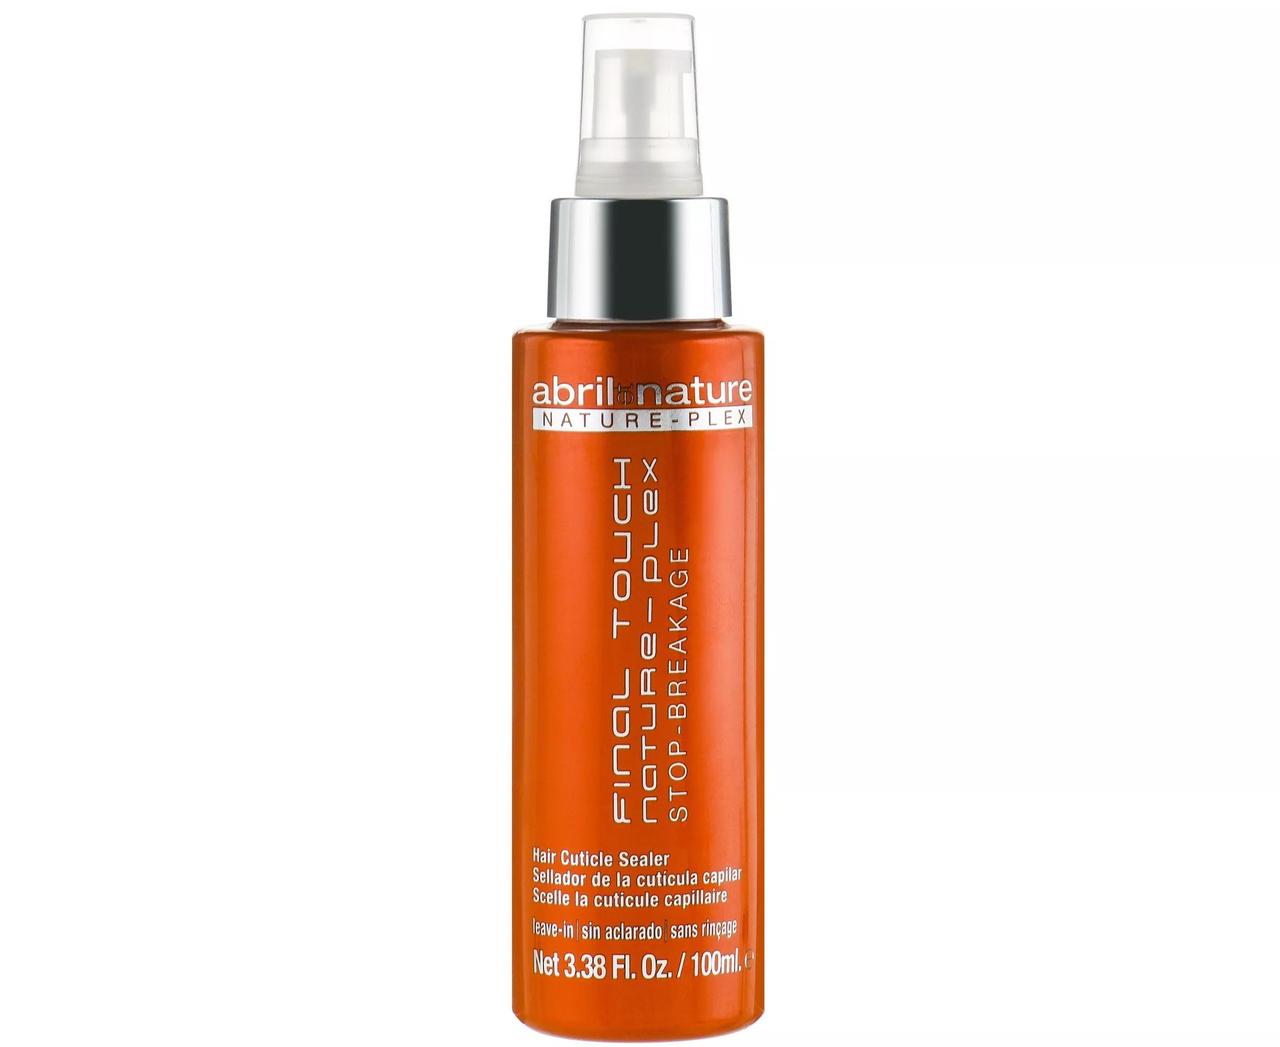 Сироватка для відновлення та захисту волосся Abril Et Nature Nature-Plex Final Touch Stop-Breakage Serum 100 мл